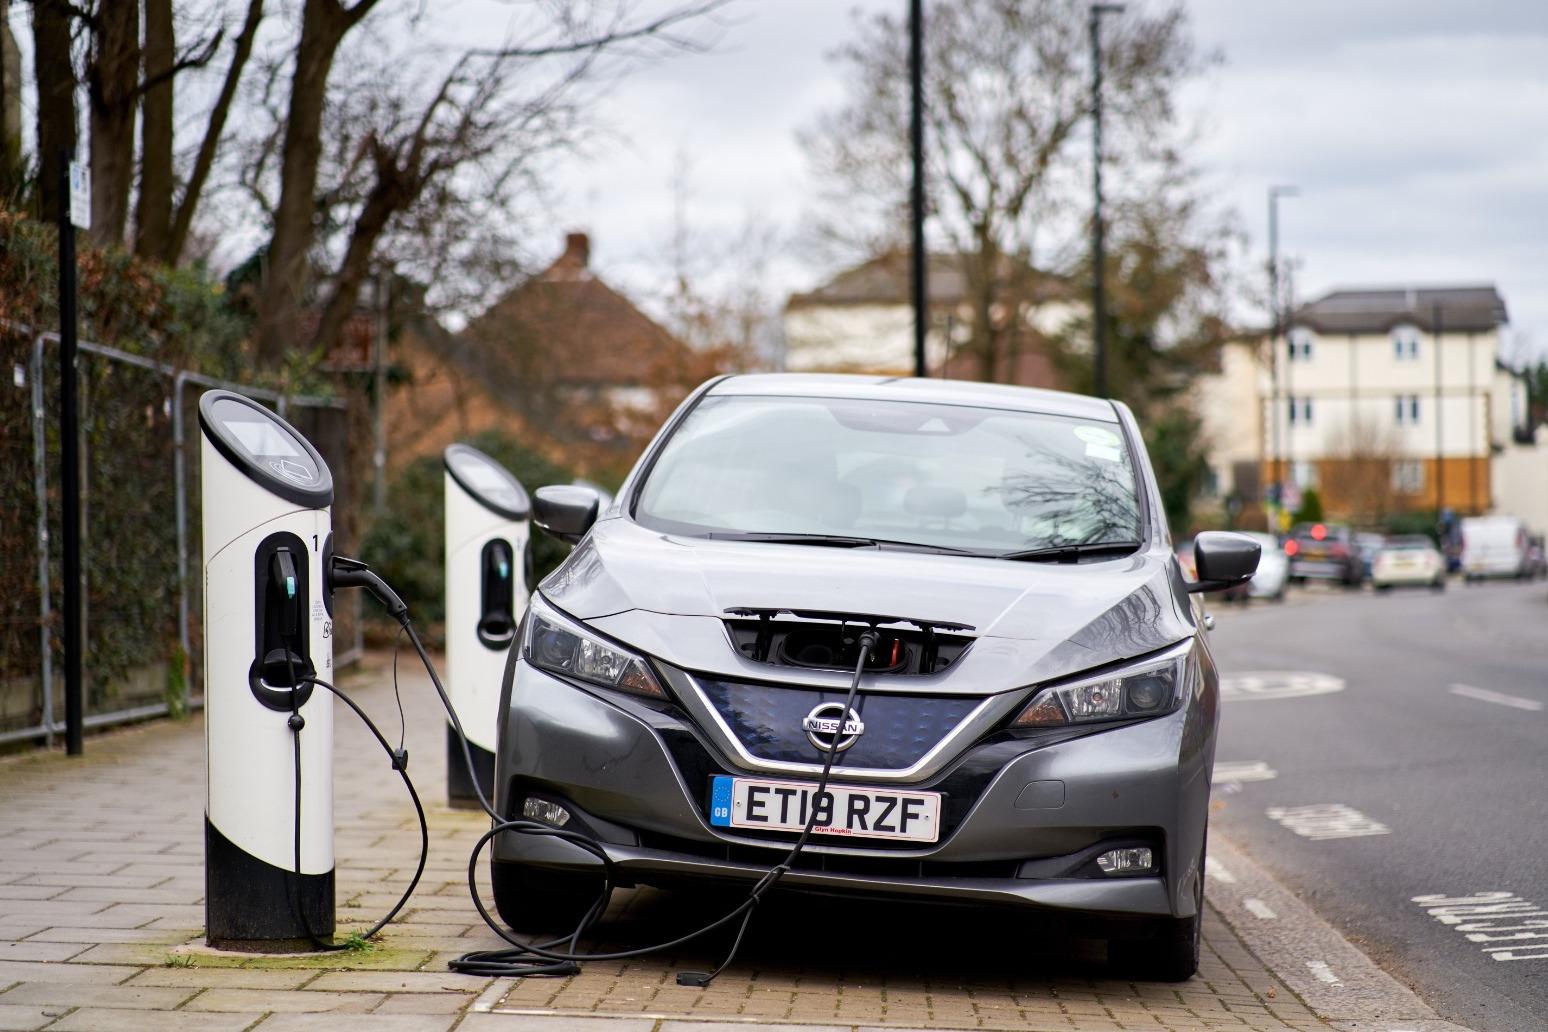 Nissan announces new £1bn \'gigafactory\' in Sunderland